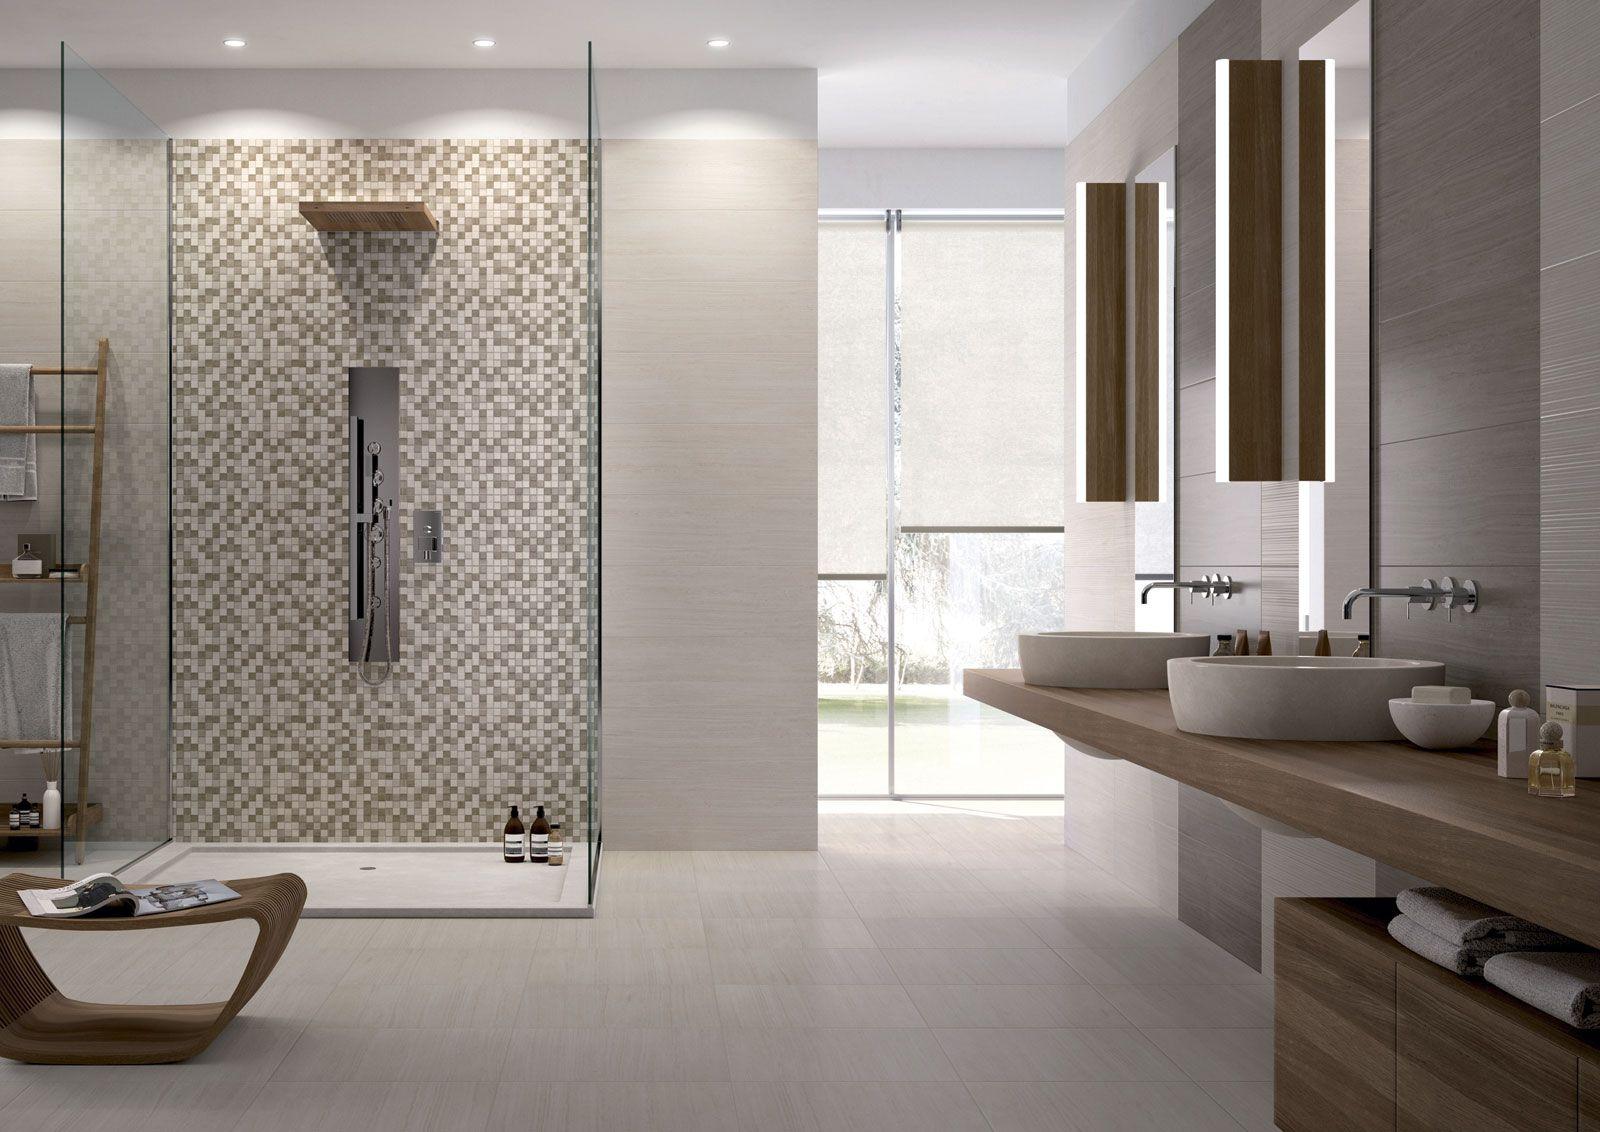 Salle De Bain 2017 image associée | salle de bains moderne, idée salle de bain